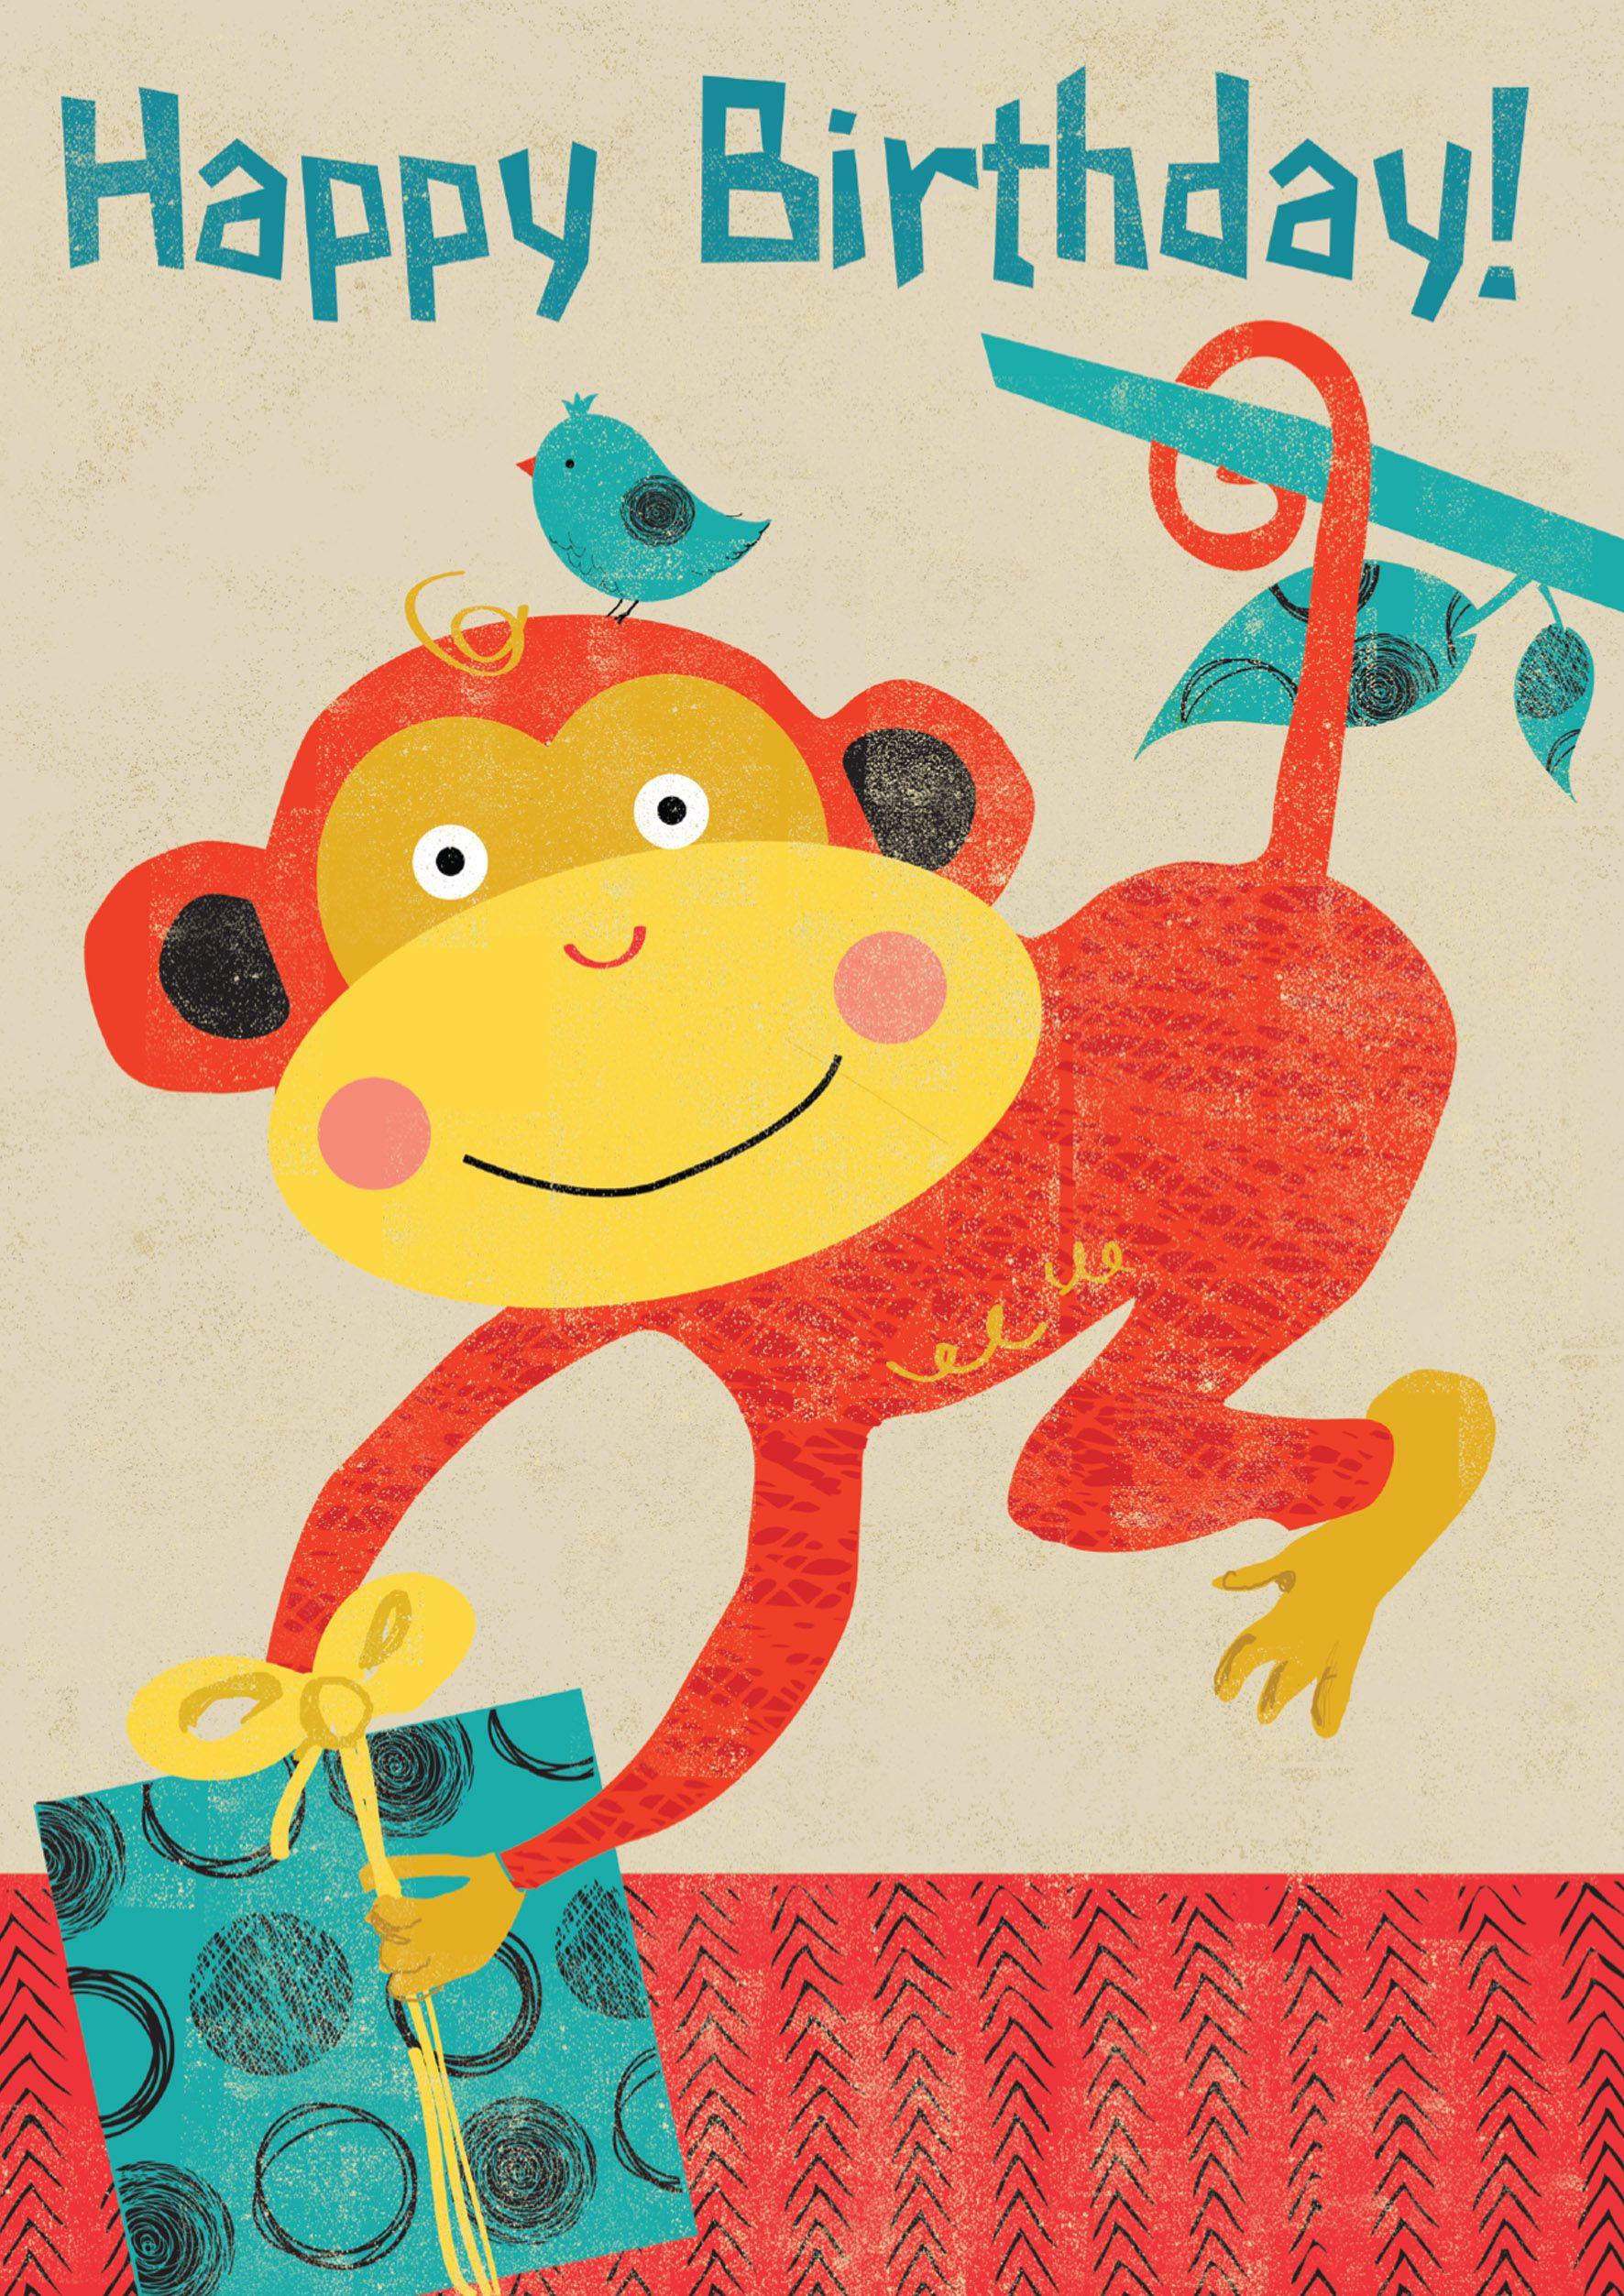 Retro Monkey Birthday Card Happy Birthday Cards Cool Birthday Cards Kids Birthday Cards